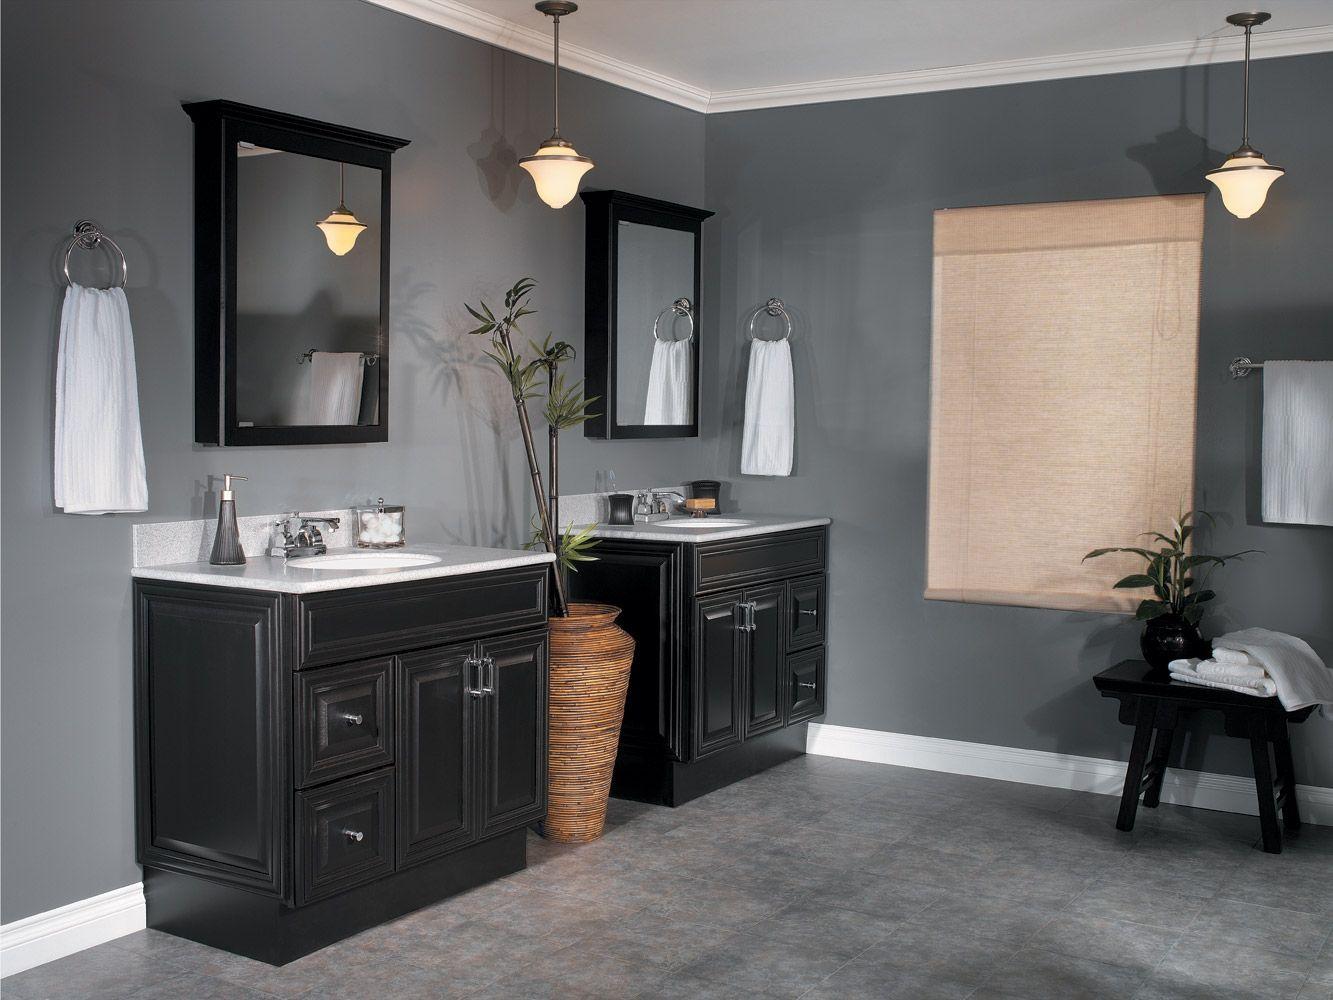 Bathroom Wall Color With Dark Cabinets Black Vanity Bathroom